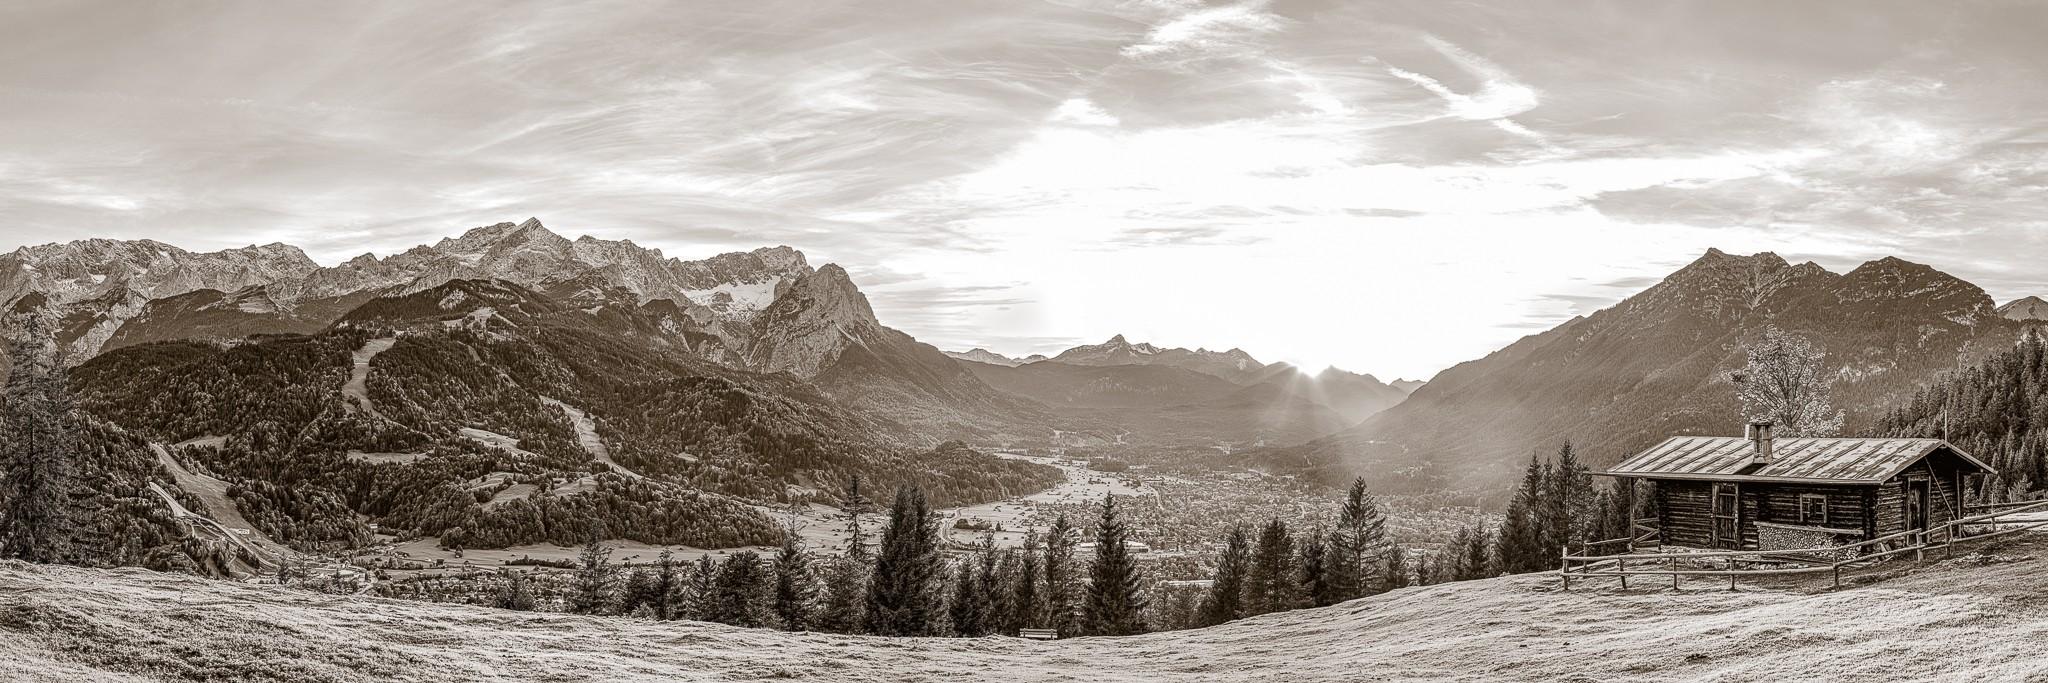 Blick von der Eckenhütte über Garmisch-Partenkirchen auf das Bergpanorama. Berge: Alpspitze, Zugspitze, Waxenstein - Daniel - Kramerspitz